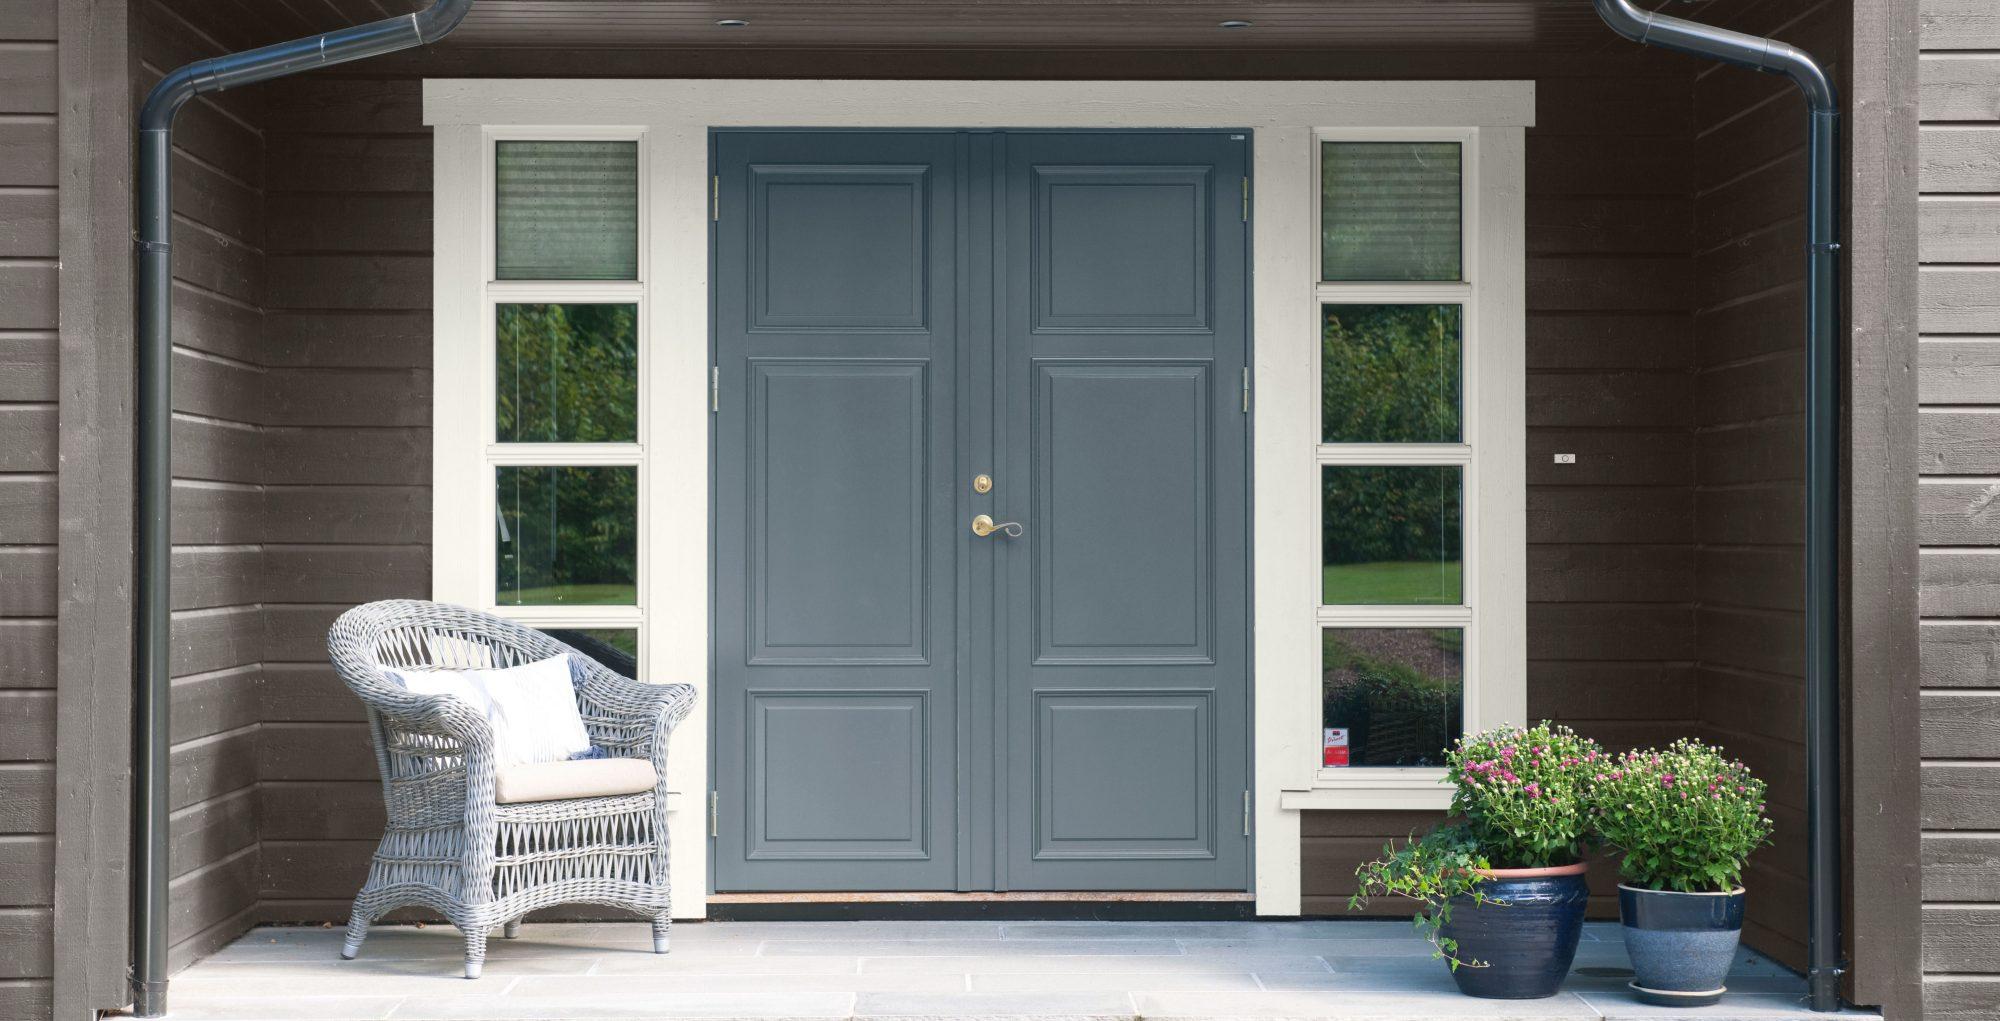 Sett farge på inngangsdøren